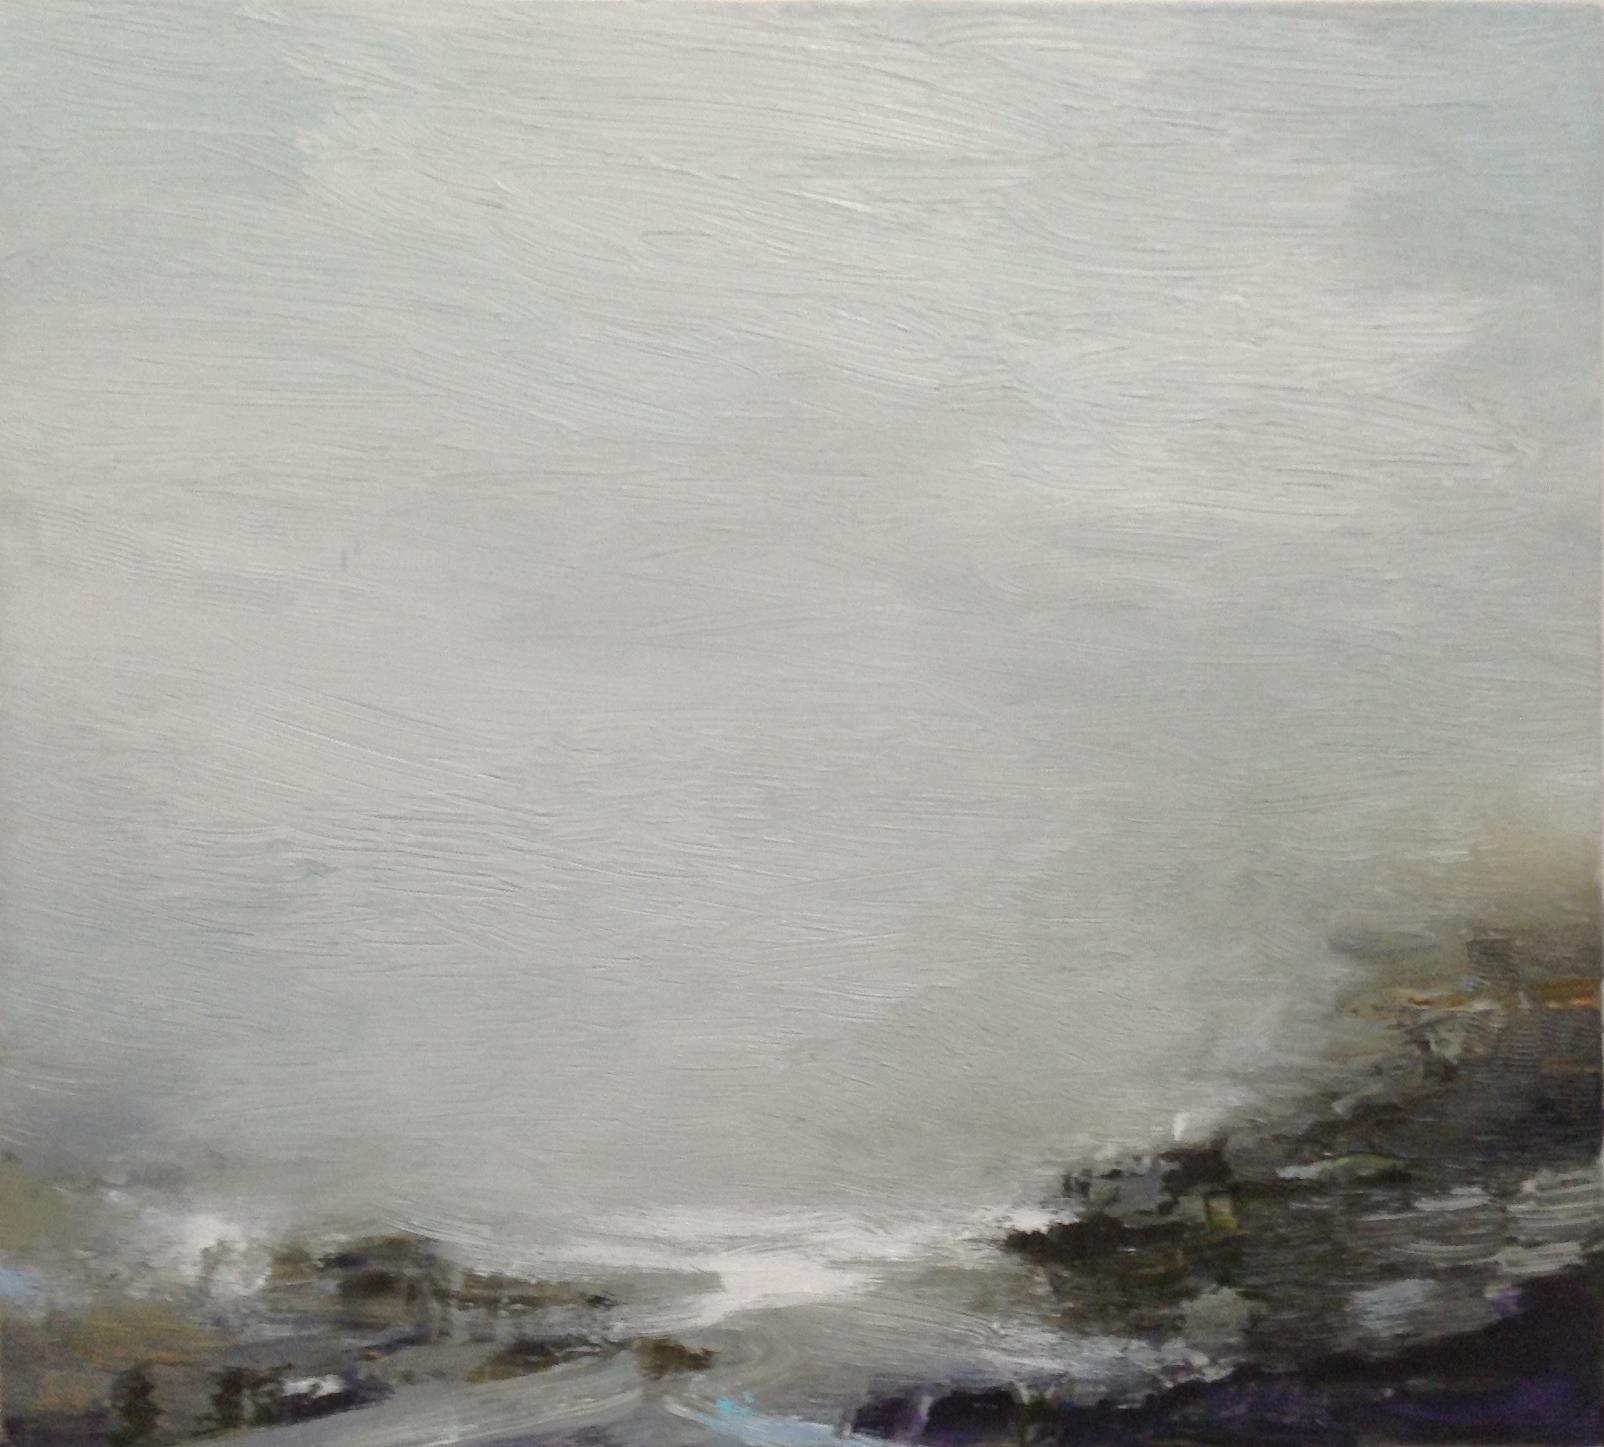 Gareth Edwards RWA Incoming Sea, Granite Cove 50 x 45 cm oil on canvas £1750